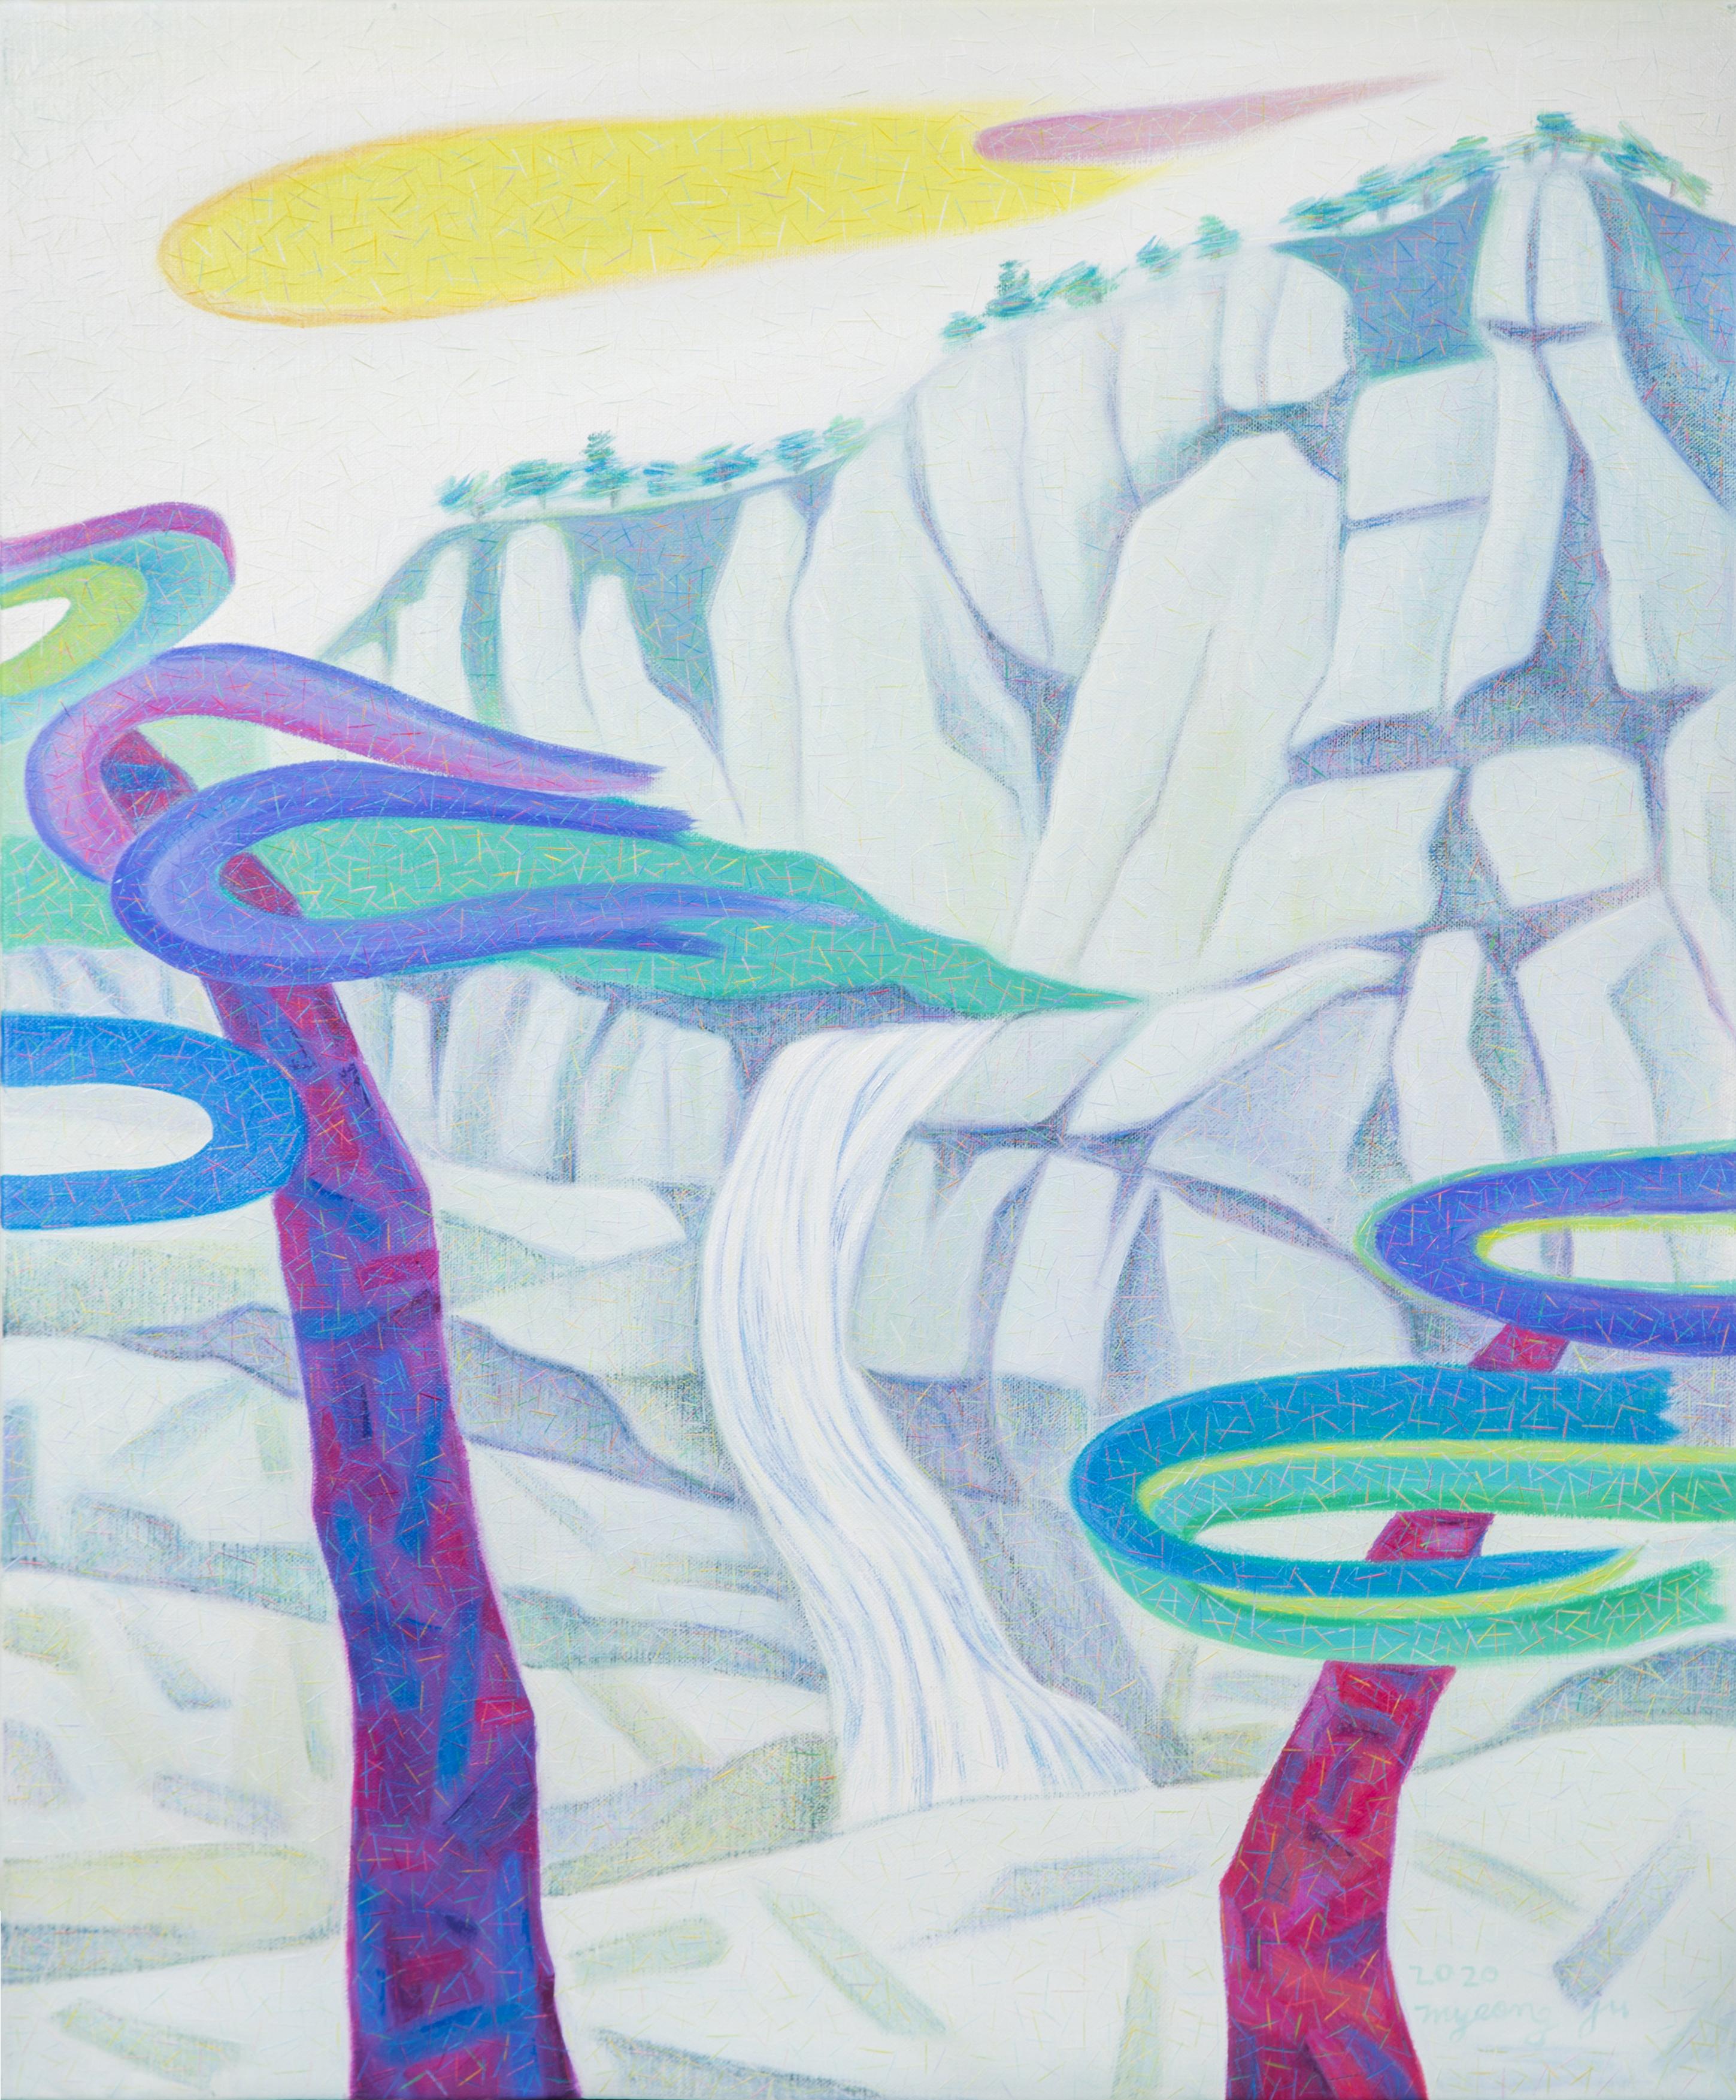 차명주, 두타산 무릉계곡, 72.7 x 60